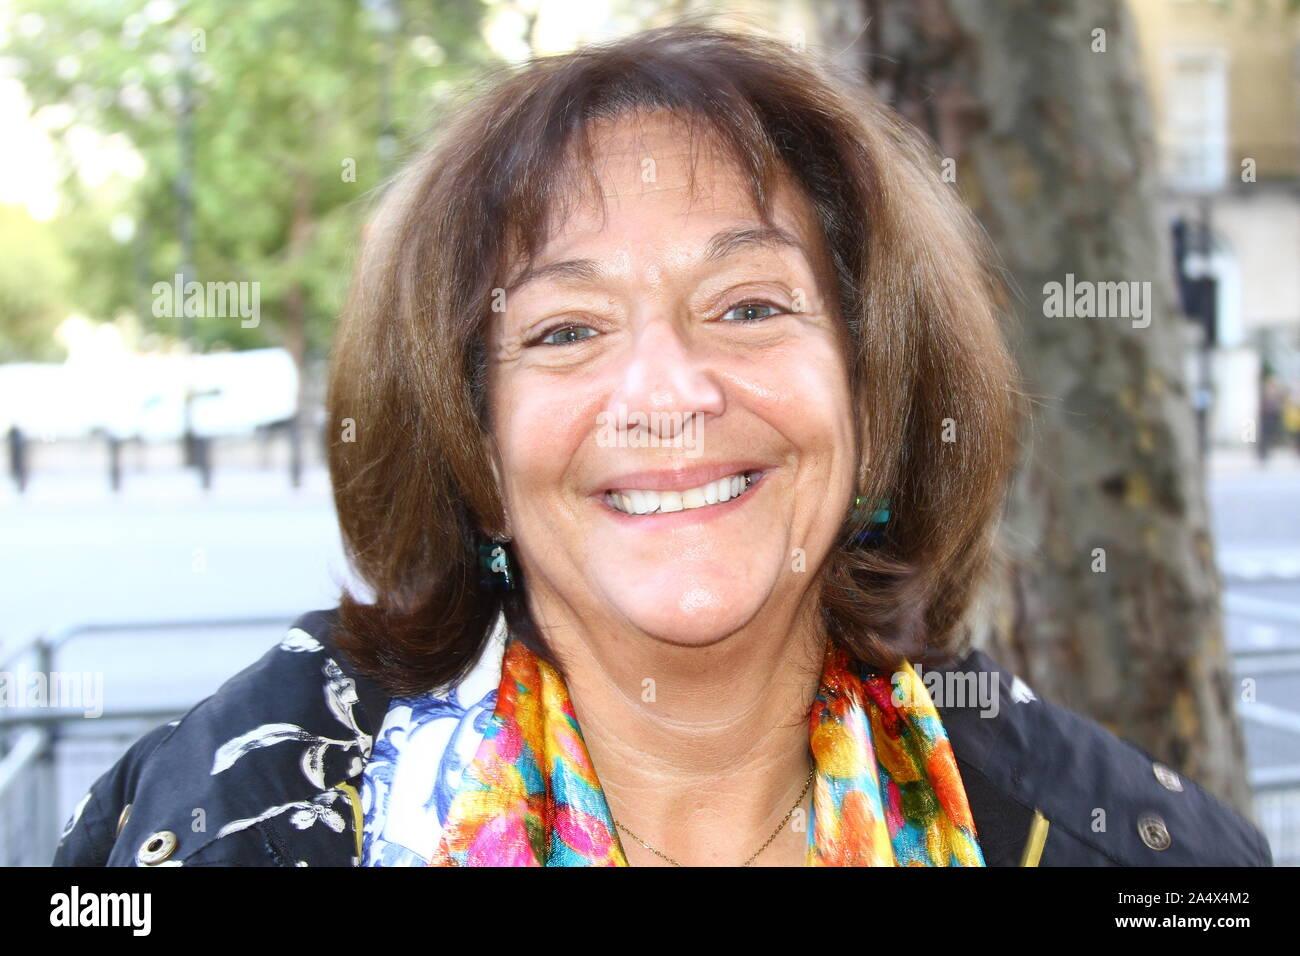 Baronne Altman à Whitehall, Londres, Royaume-Uni le 16 octobre 2019. Roz Altman. Des politiciens célèbres. Banque D'Images